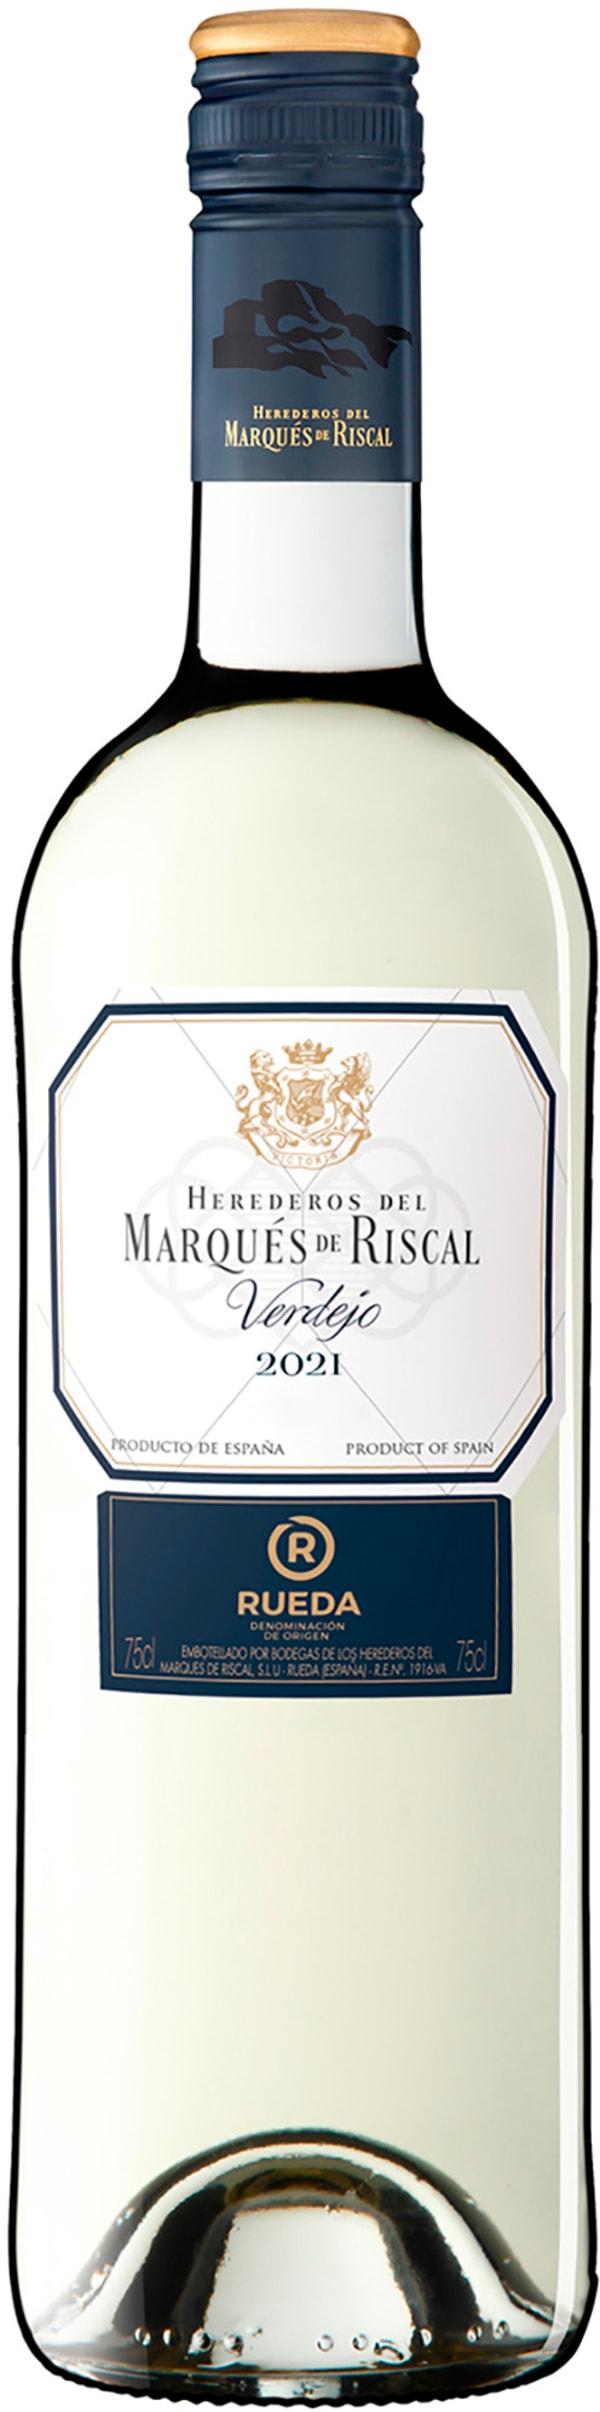 Marqués de Riscal Organic Verdejo 2017